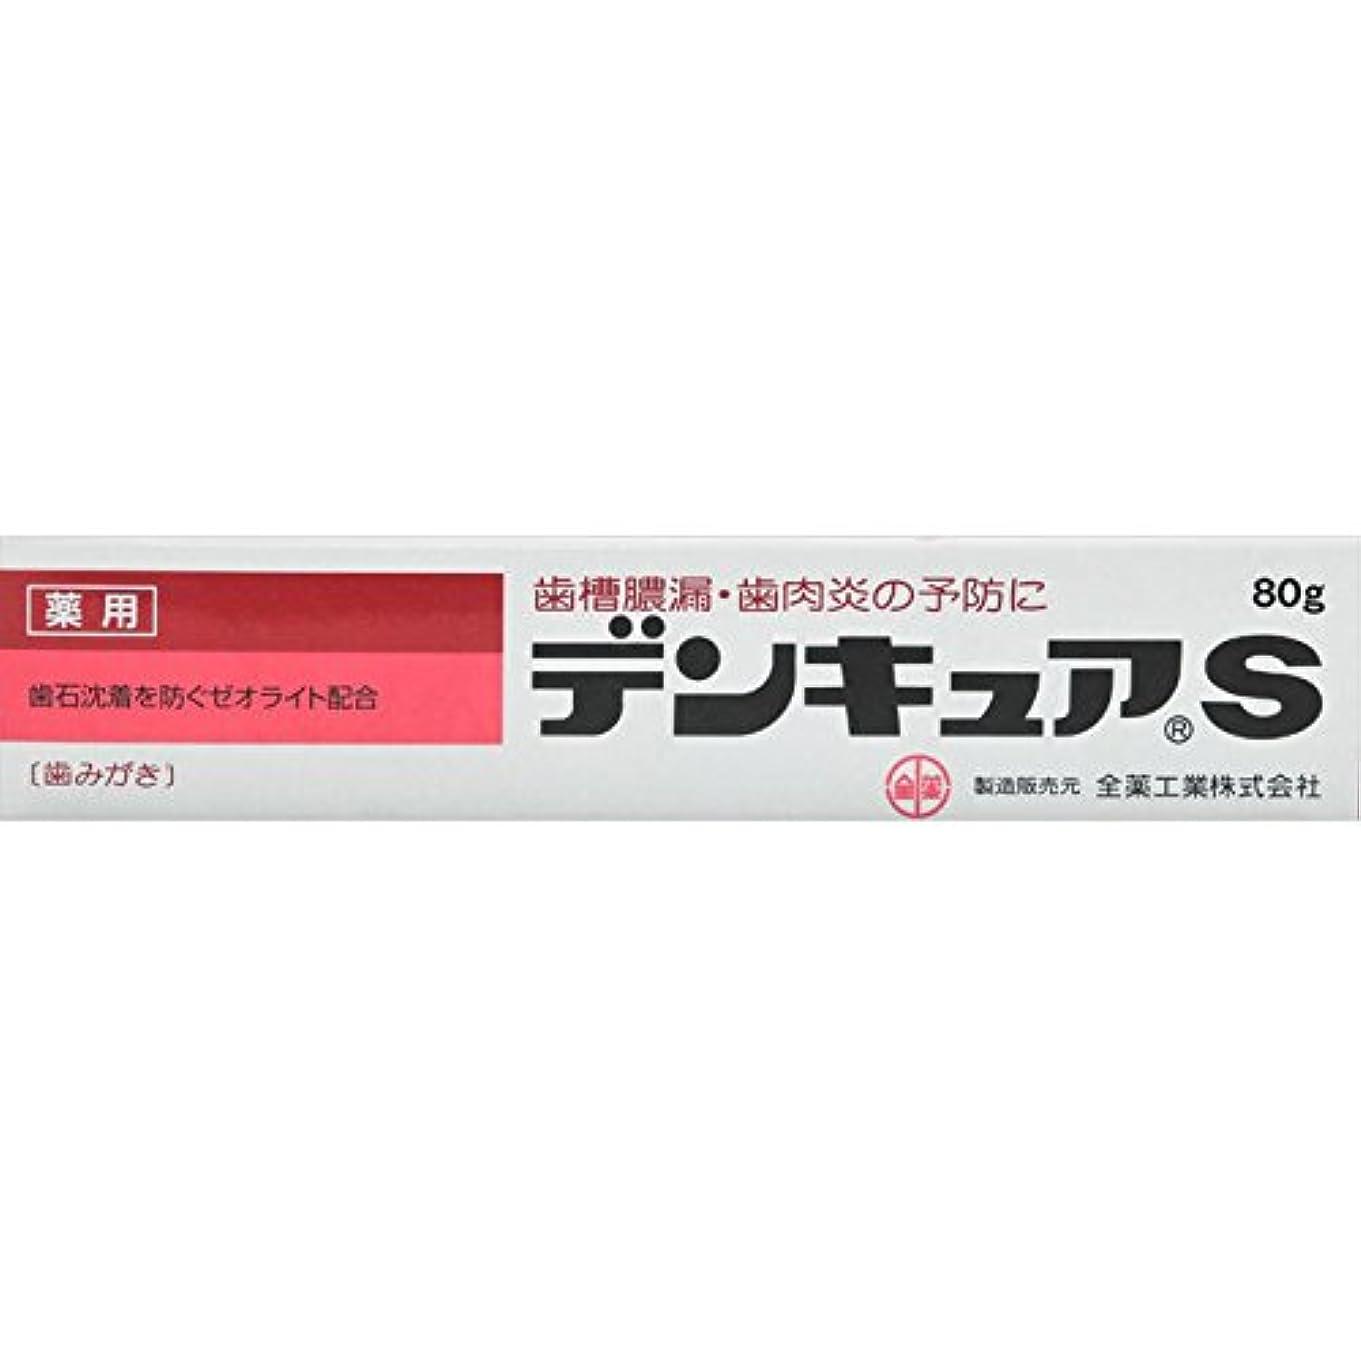 無一定測る全薬工業 デンキュアS 80g (医薬部外品)